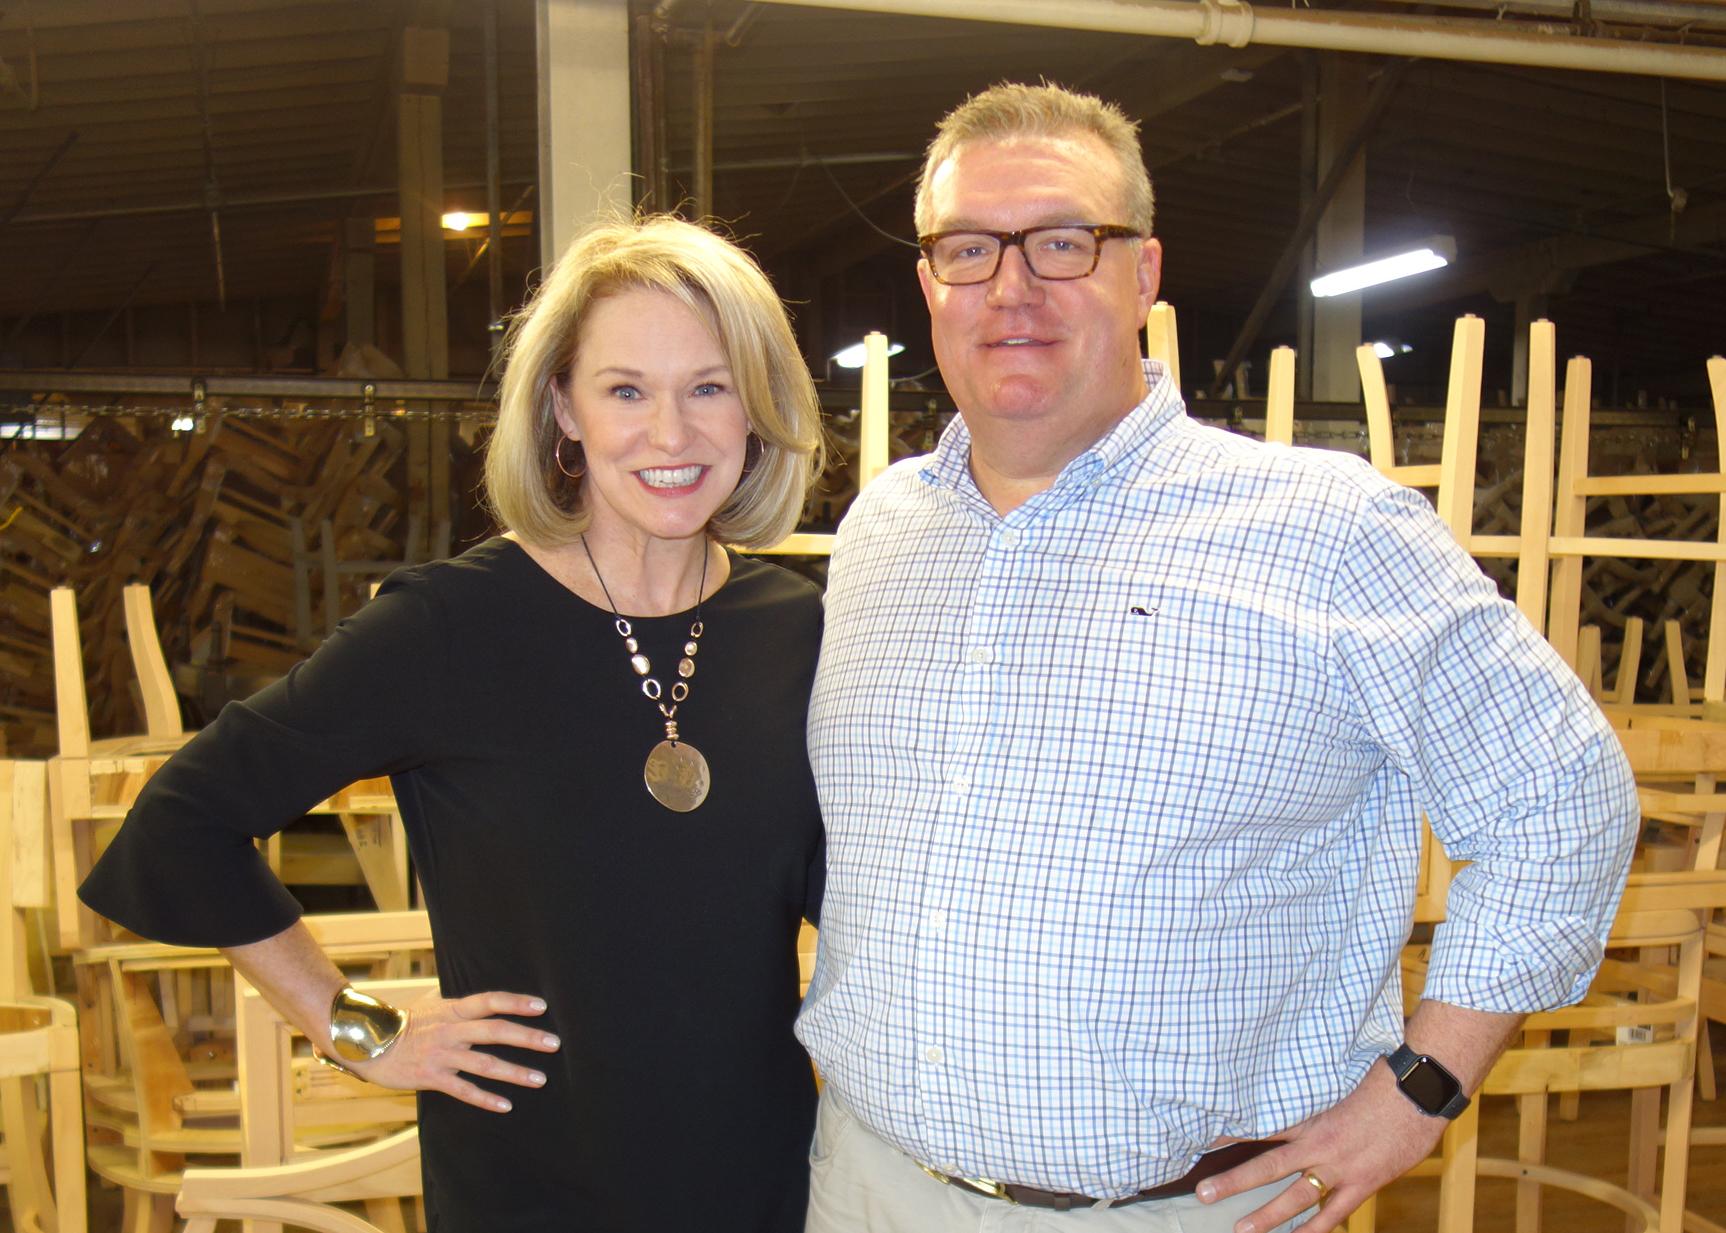 Libby and Dixon at Fairfield's Lenoir facitility.